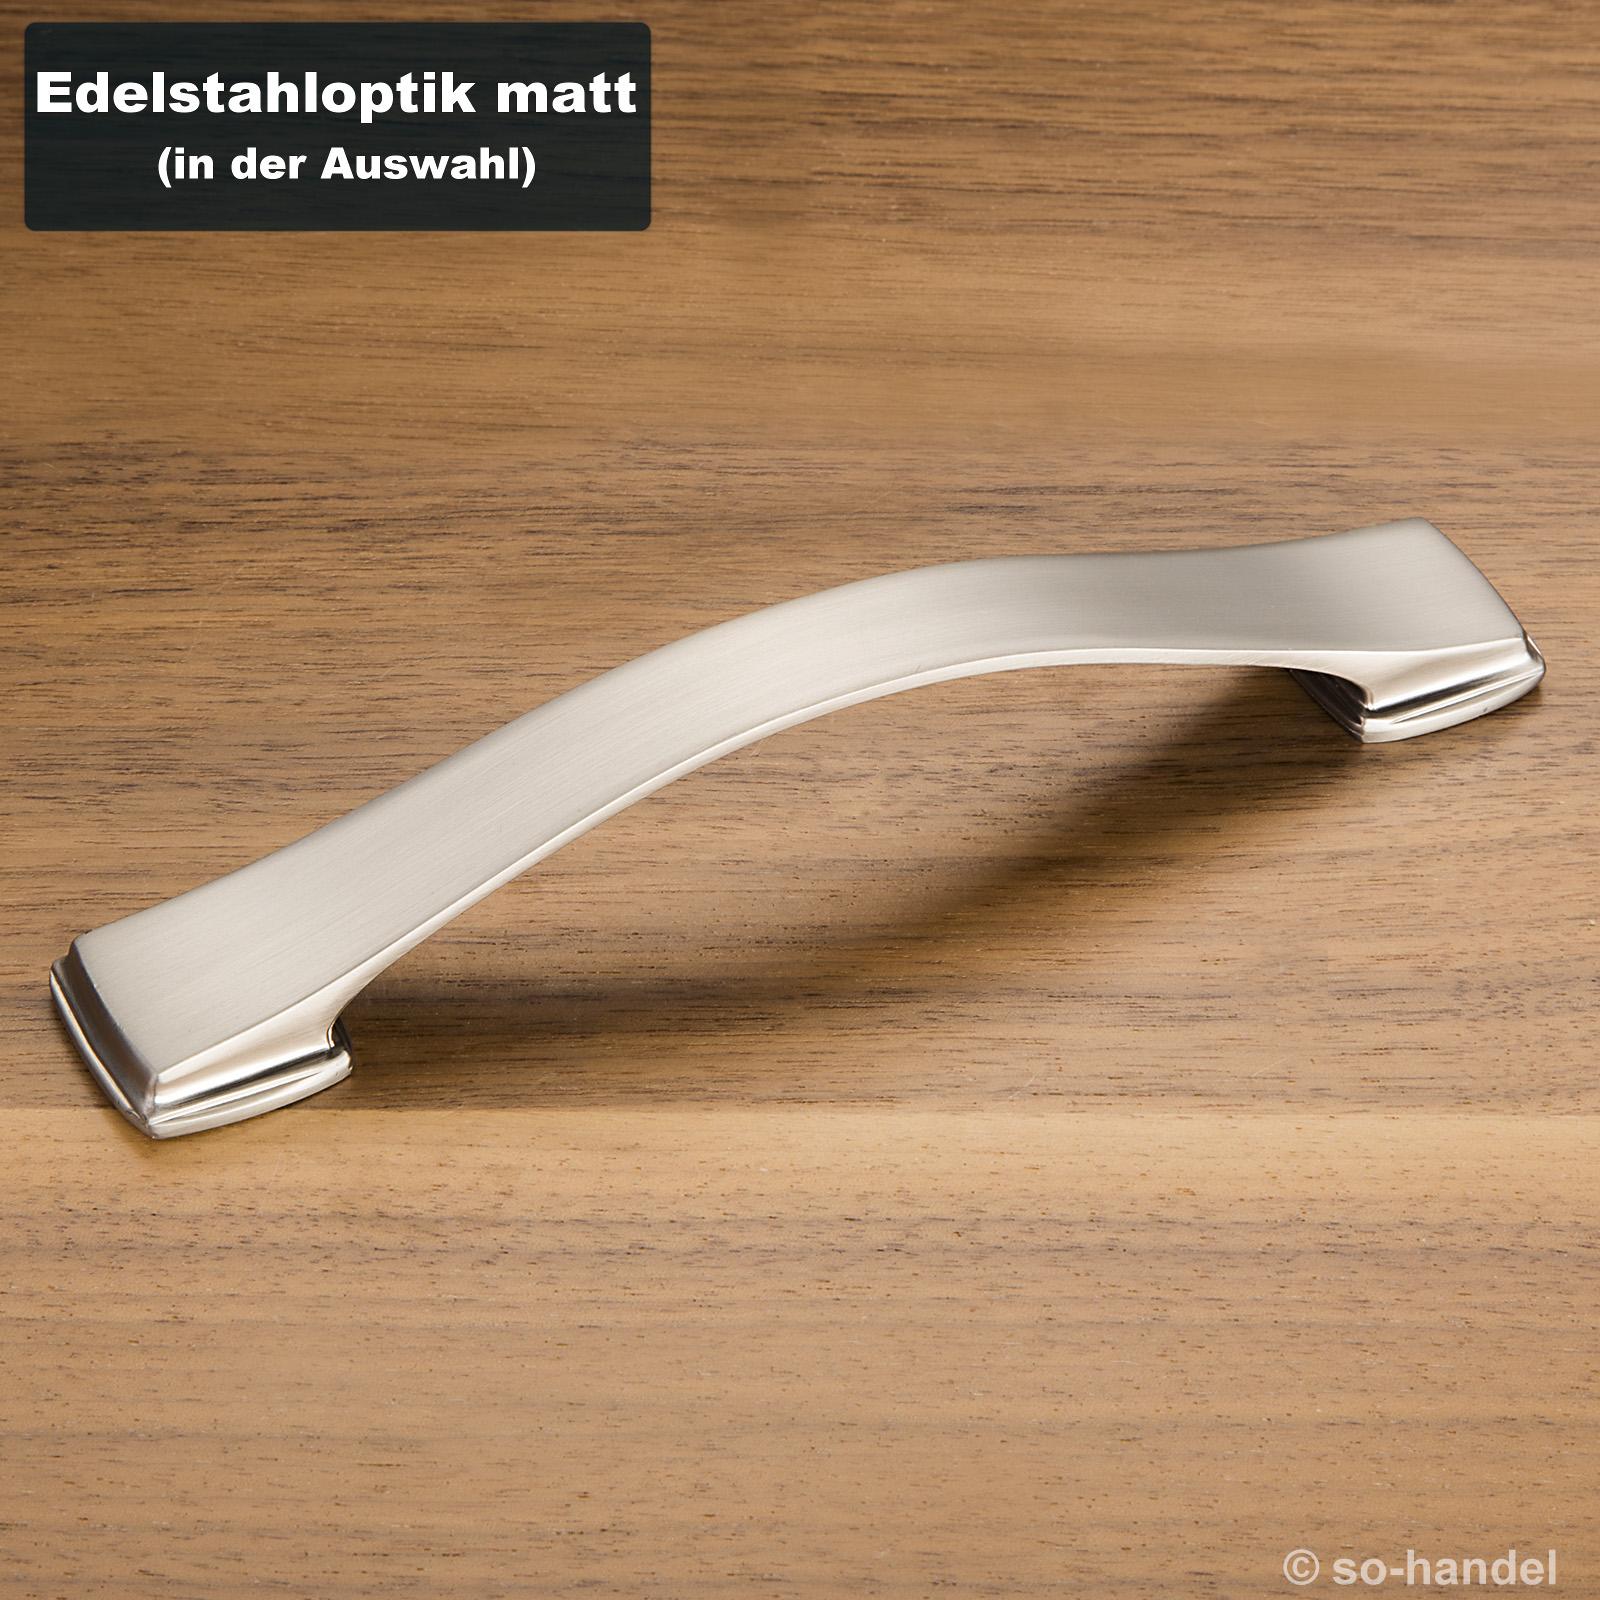 SO-TECH/® Schrankgriff ZOE II M/öbelgriff Schubladengriff Griff Bogengriff B/ügelgriff Kommodengriff BA 128 mm Edelstahl-Optik